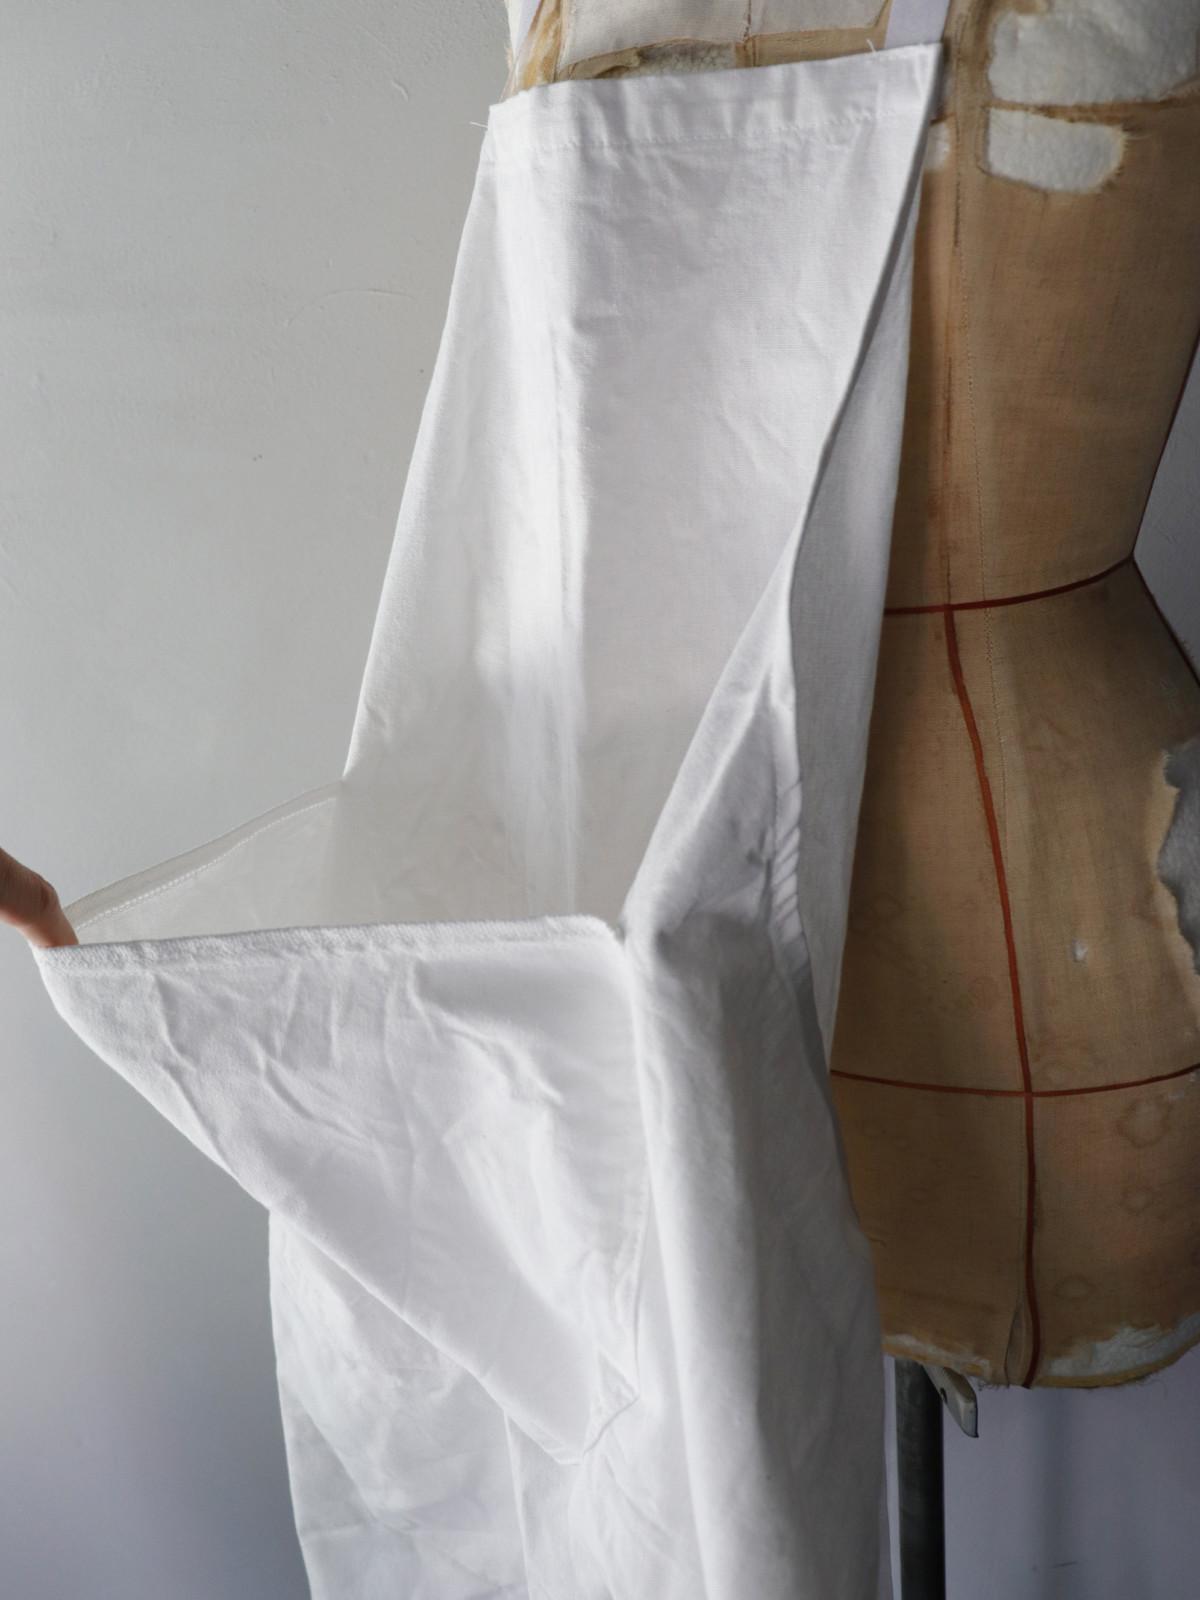 New apron,France, Cotton